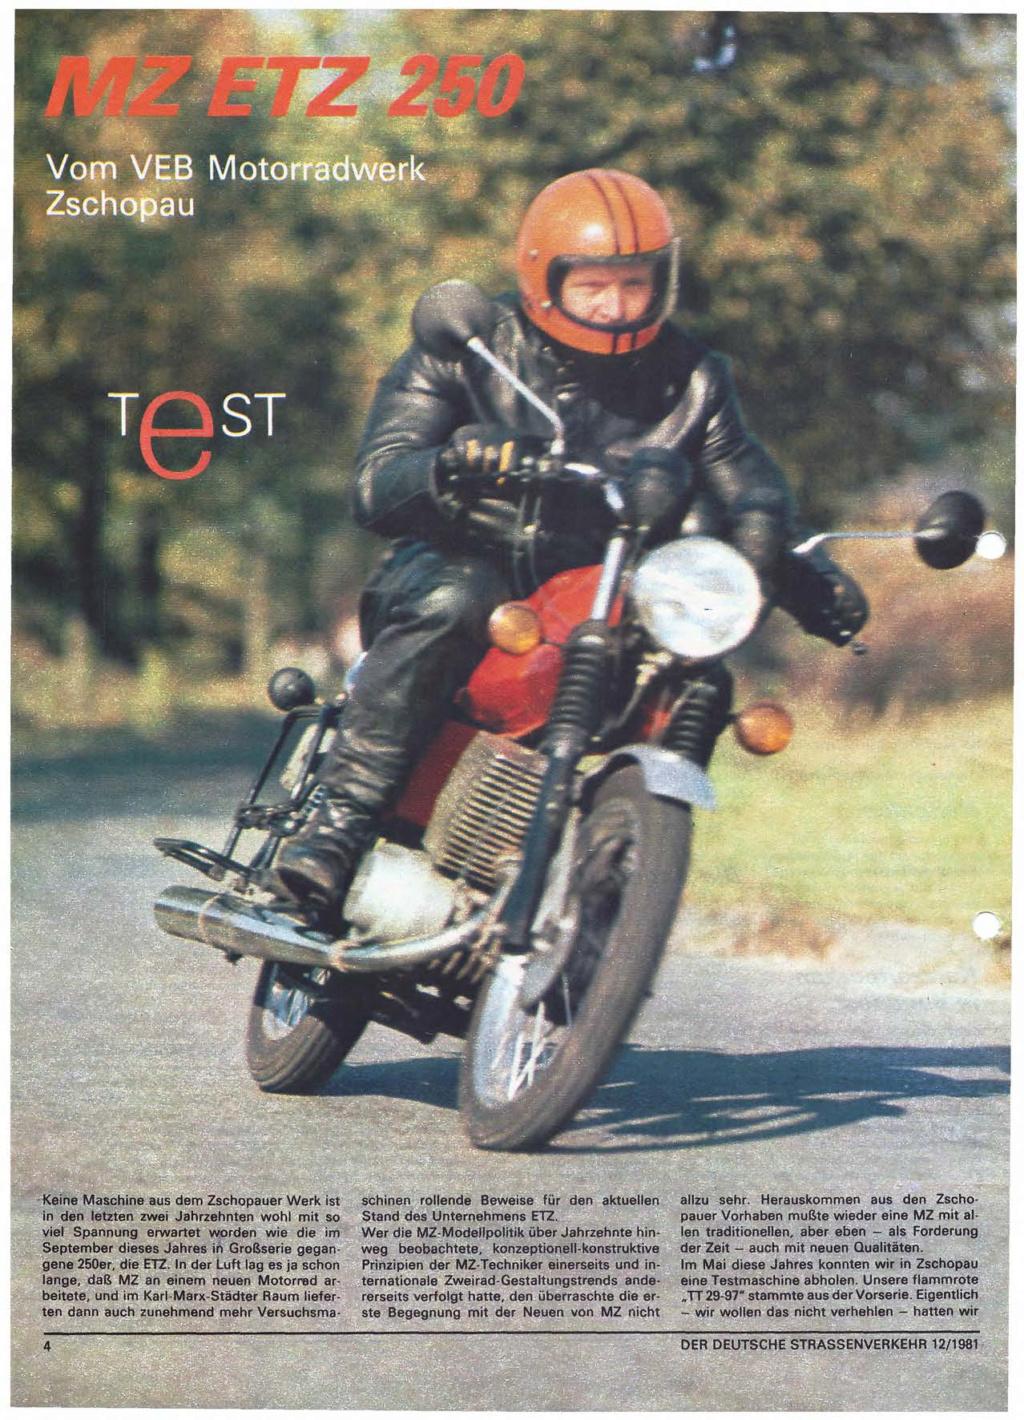 Test ETZ 250 Der deutsche Strassenverkehr, n° 12/1981) Der-de13